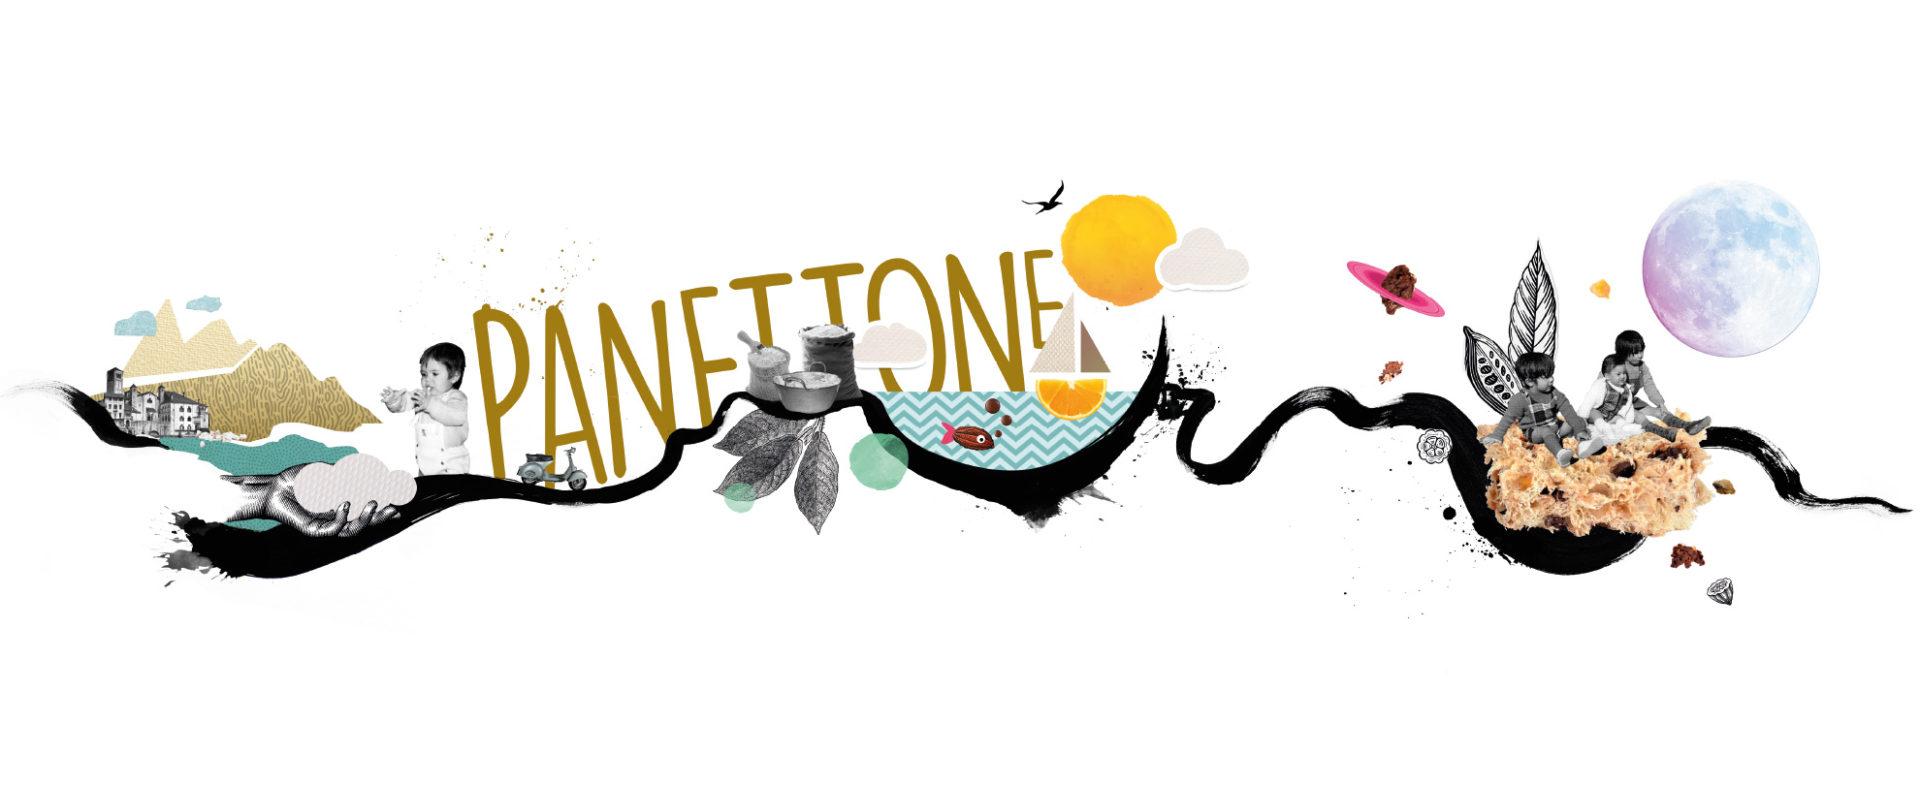 Single1_Dalua-Panettone